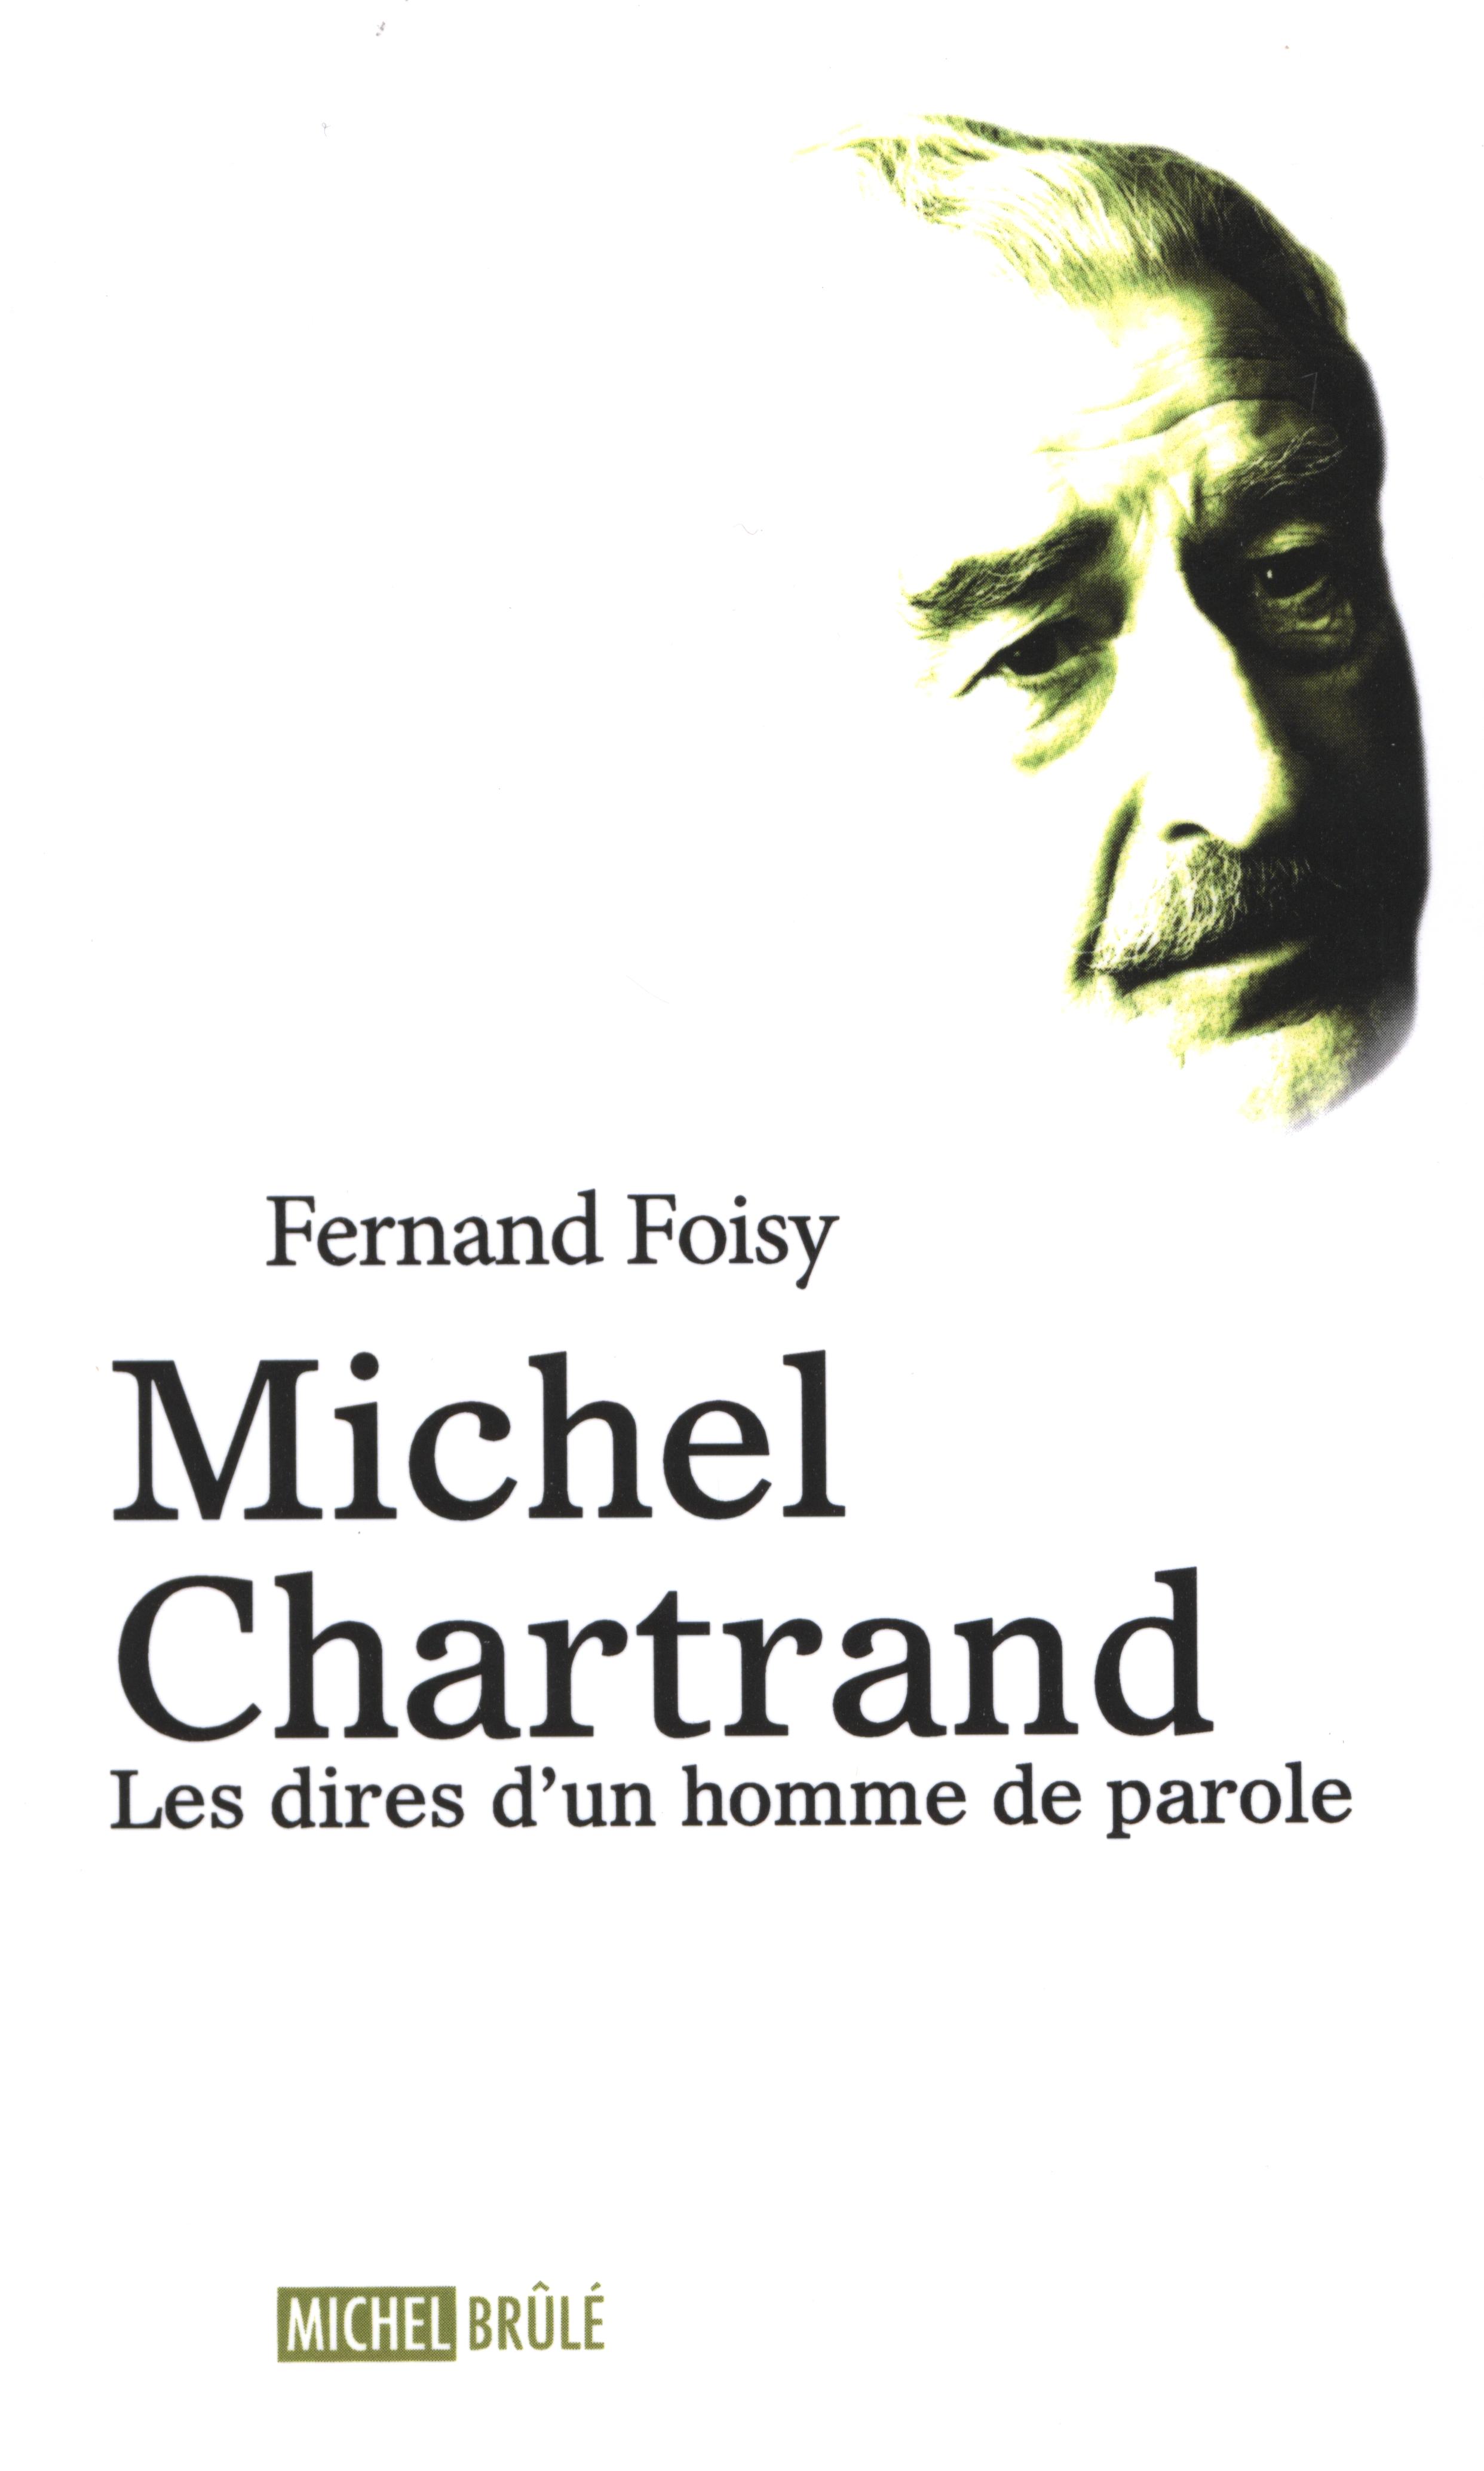 Michel Chartrand : Les dires d'un homme de parole